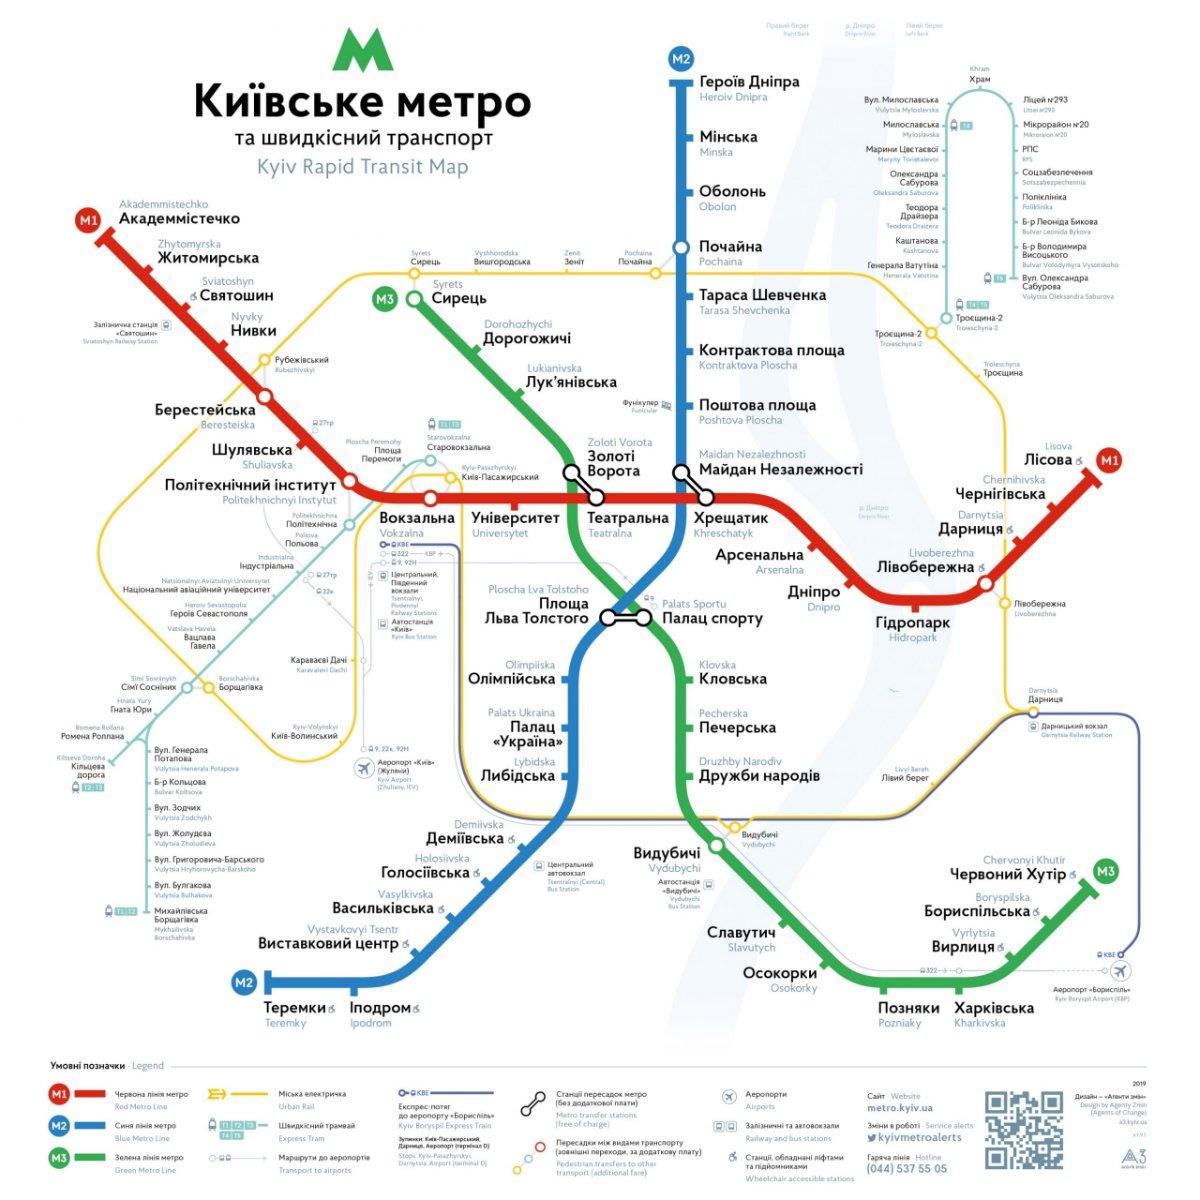 IDMedia Наружная реклама в городе Киев (Киевская область), Метро Digital в городе Киев №239000 схема